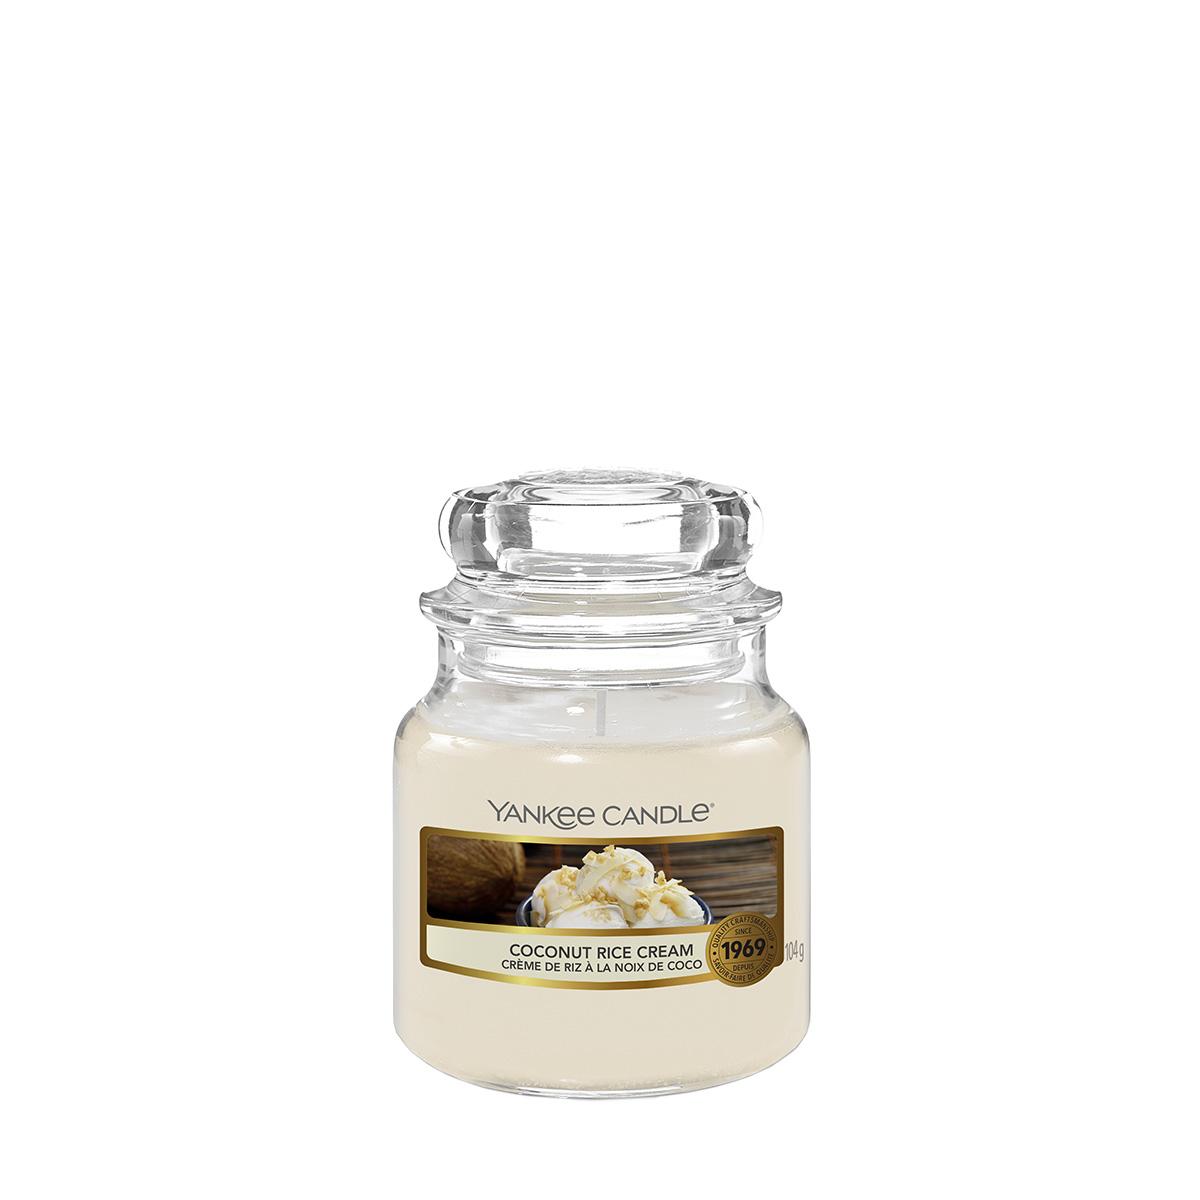 Coconut Rice Cream Small